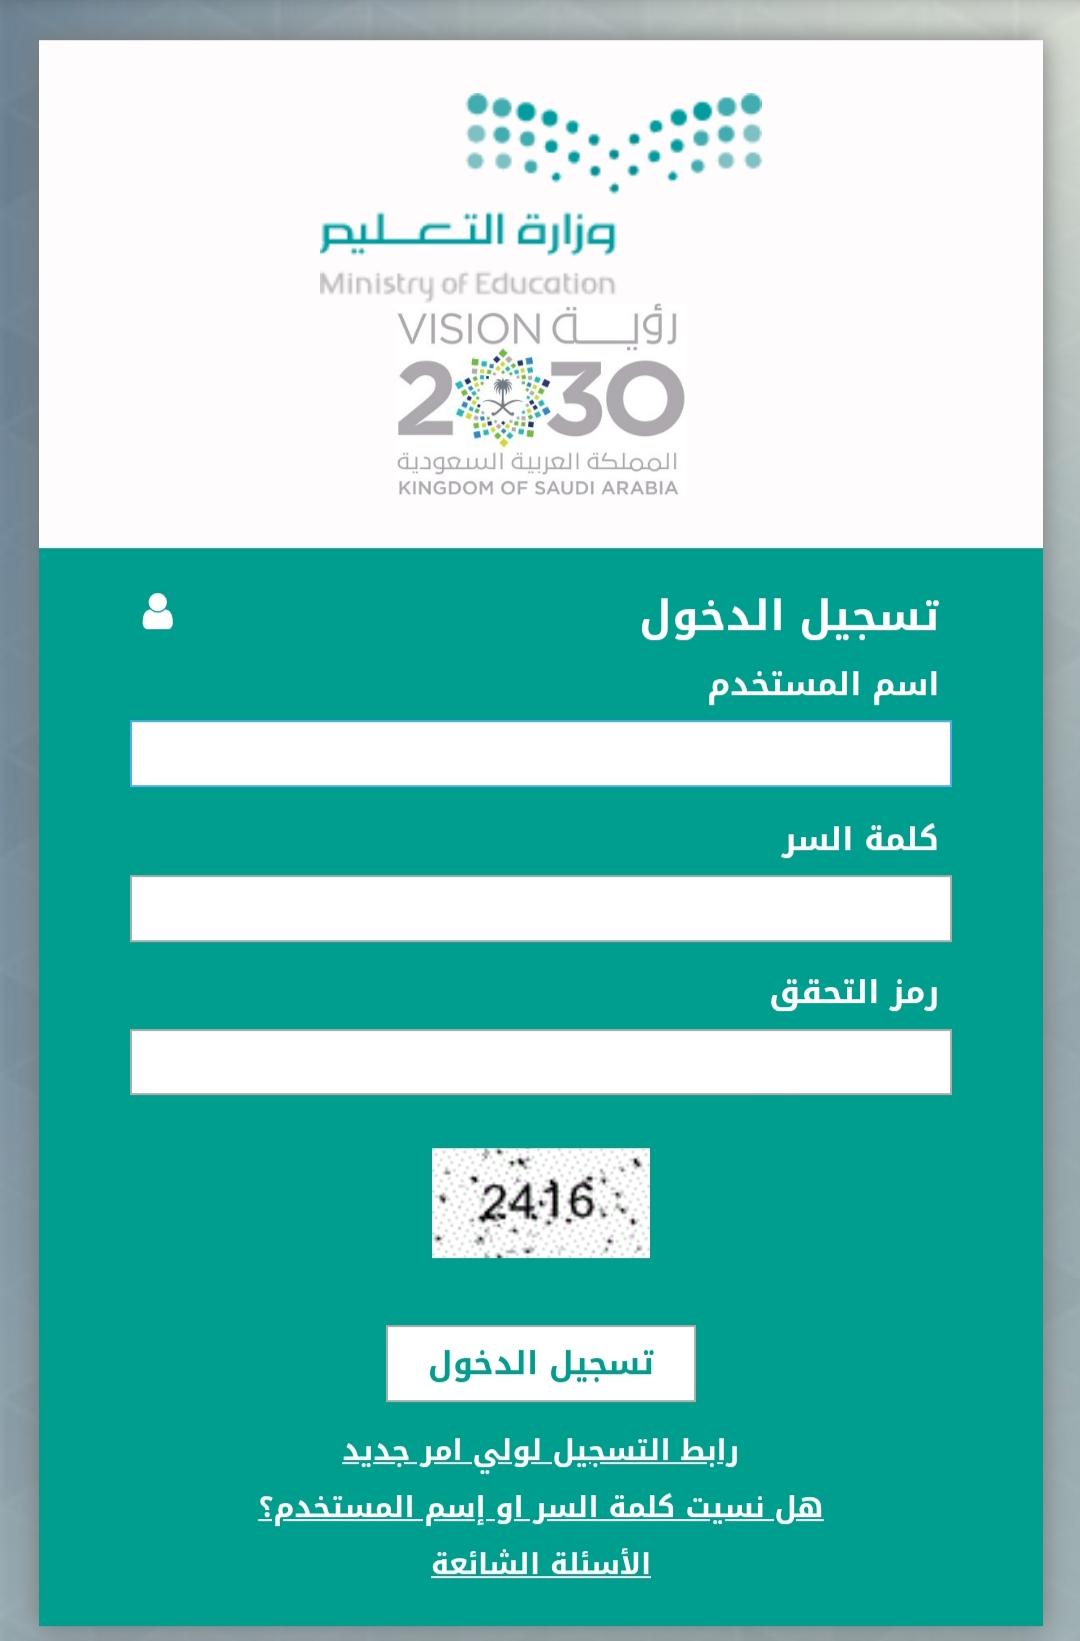 الاستعلام عن نتائج الصف الأول والثاني الابتدائي عبر نظام نور بالمملكة العربية السعودية 1442